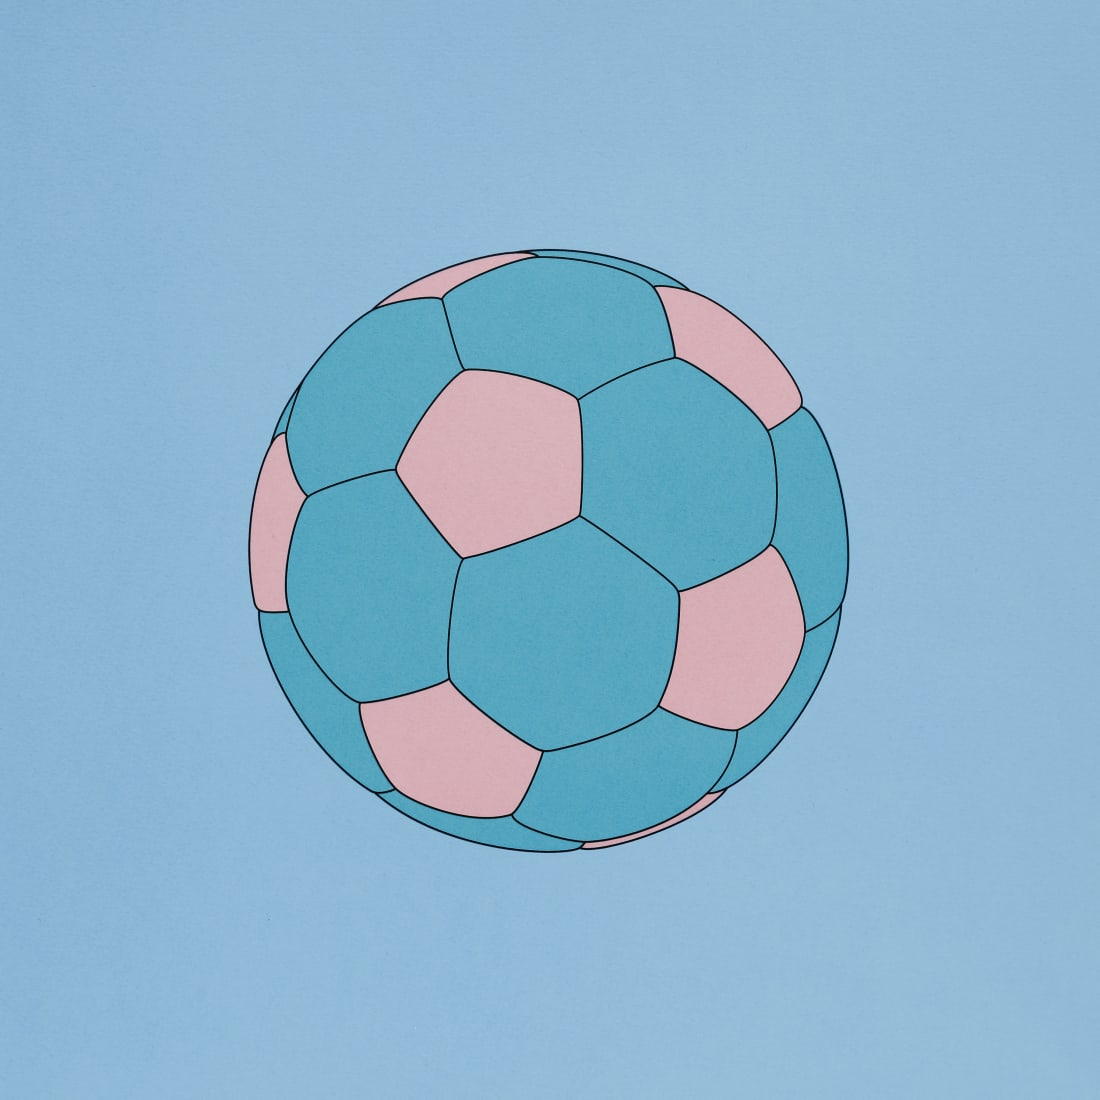 """<span class=""""artist""""><strong>Michael Craig-Martin</strong></span>, <span class=""""title""""><em>Football</em>, 2019</span>"""